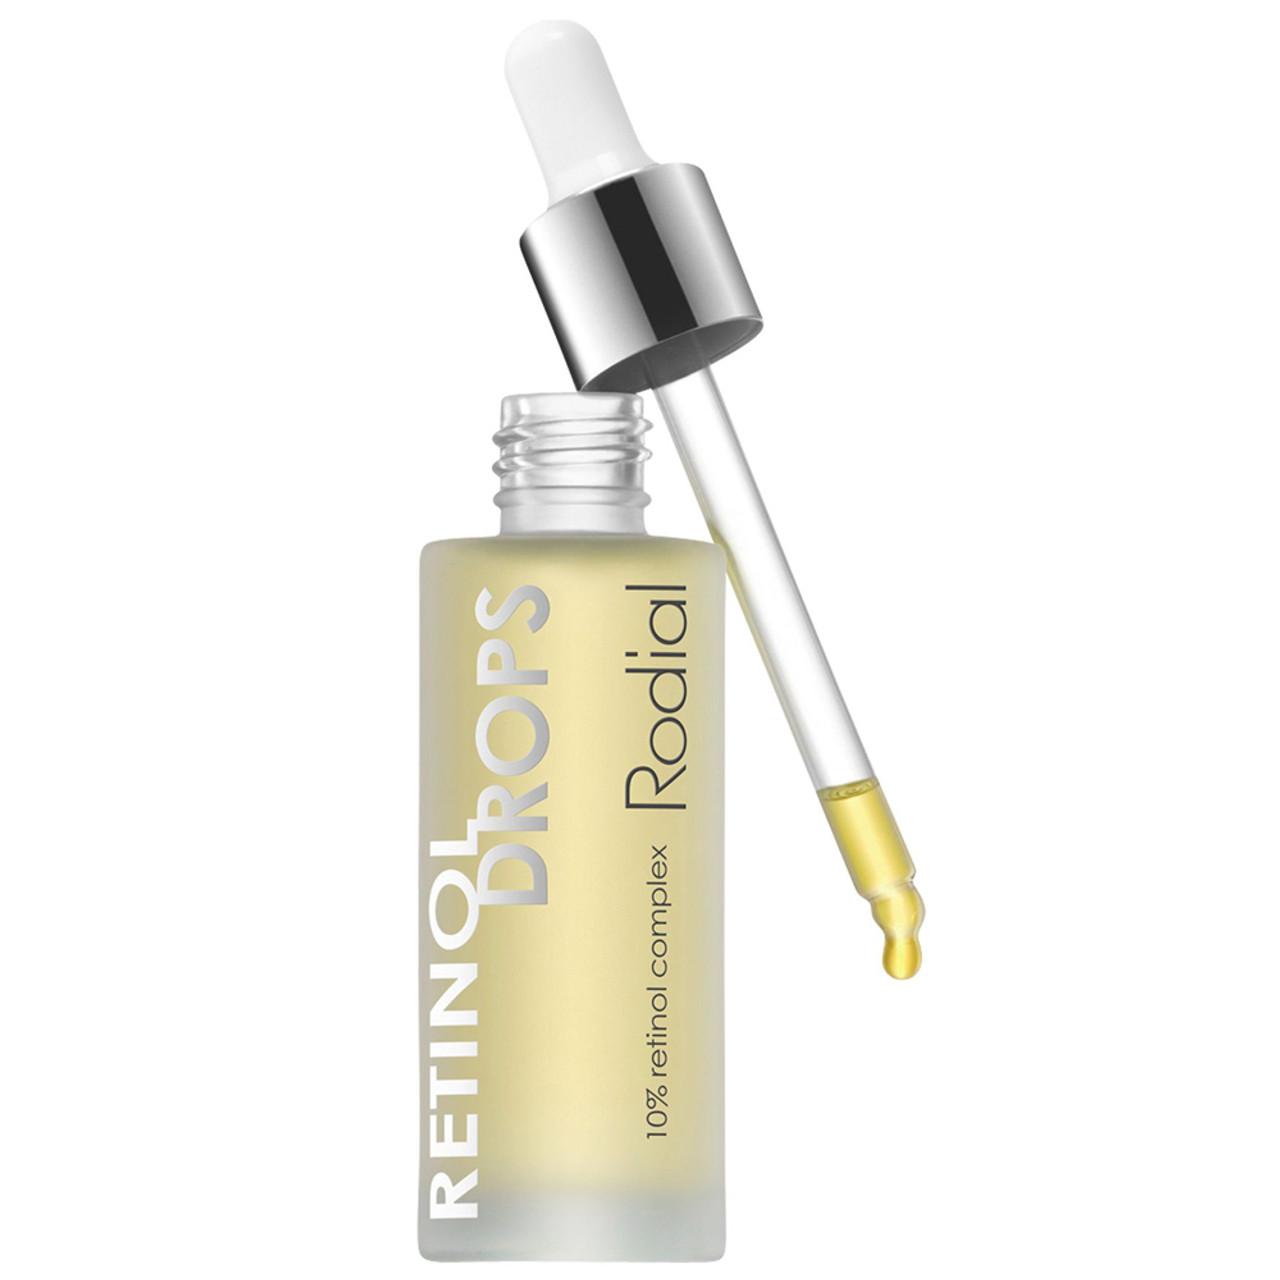 Rodial Retinol 10% Booster Drops BeautifiedYou.com